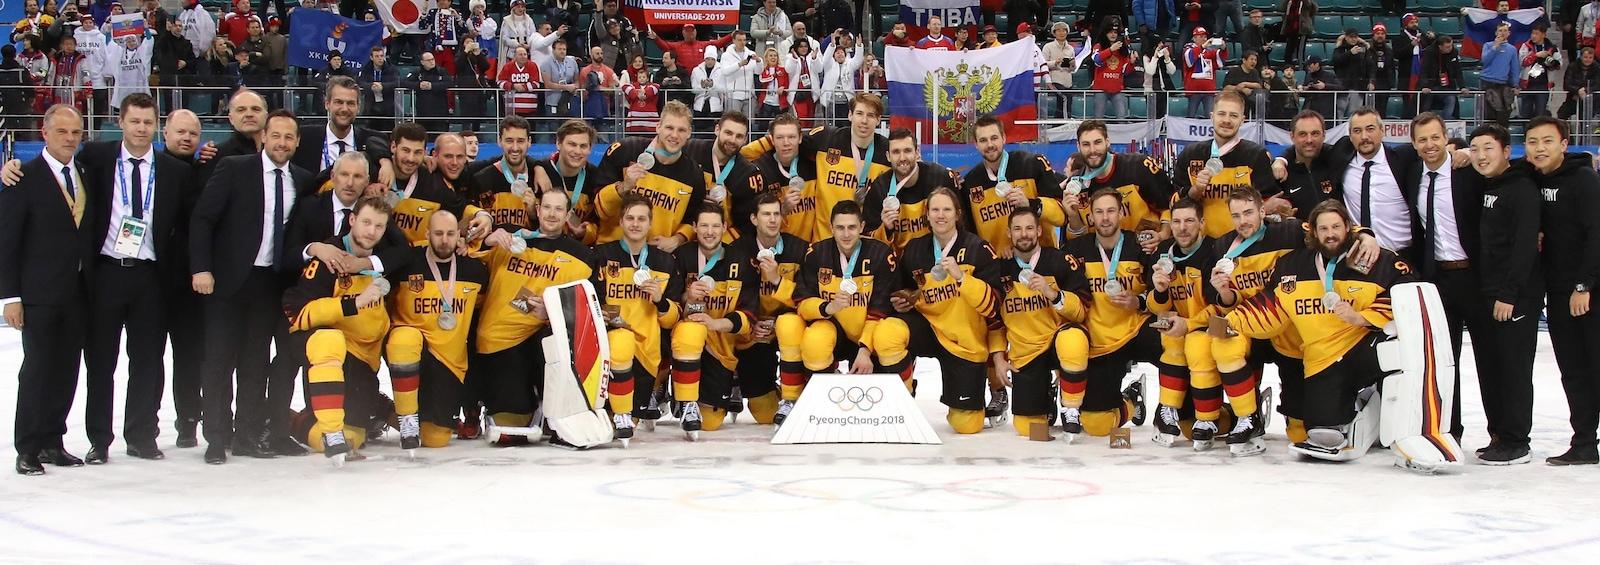 L'équipe allemande de hockey, médaillée d'argent des Jeux olympiques de Pyeongchang